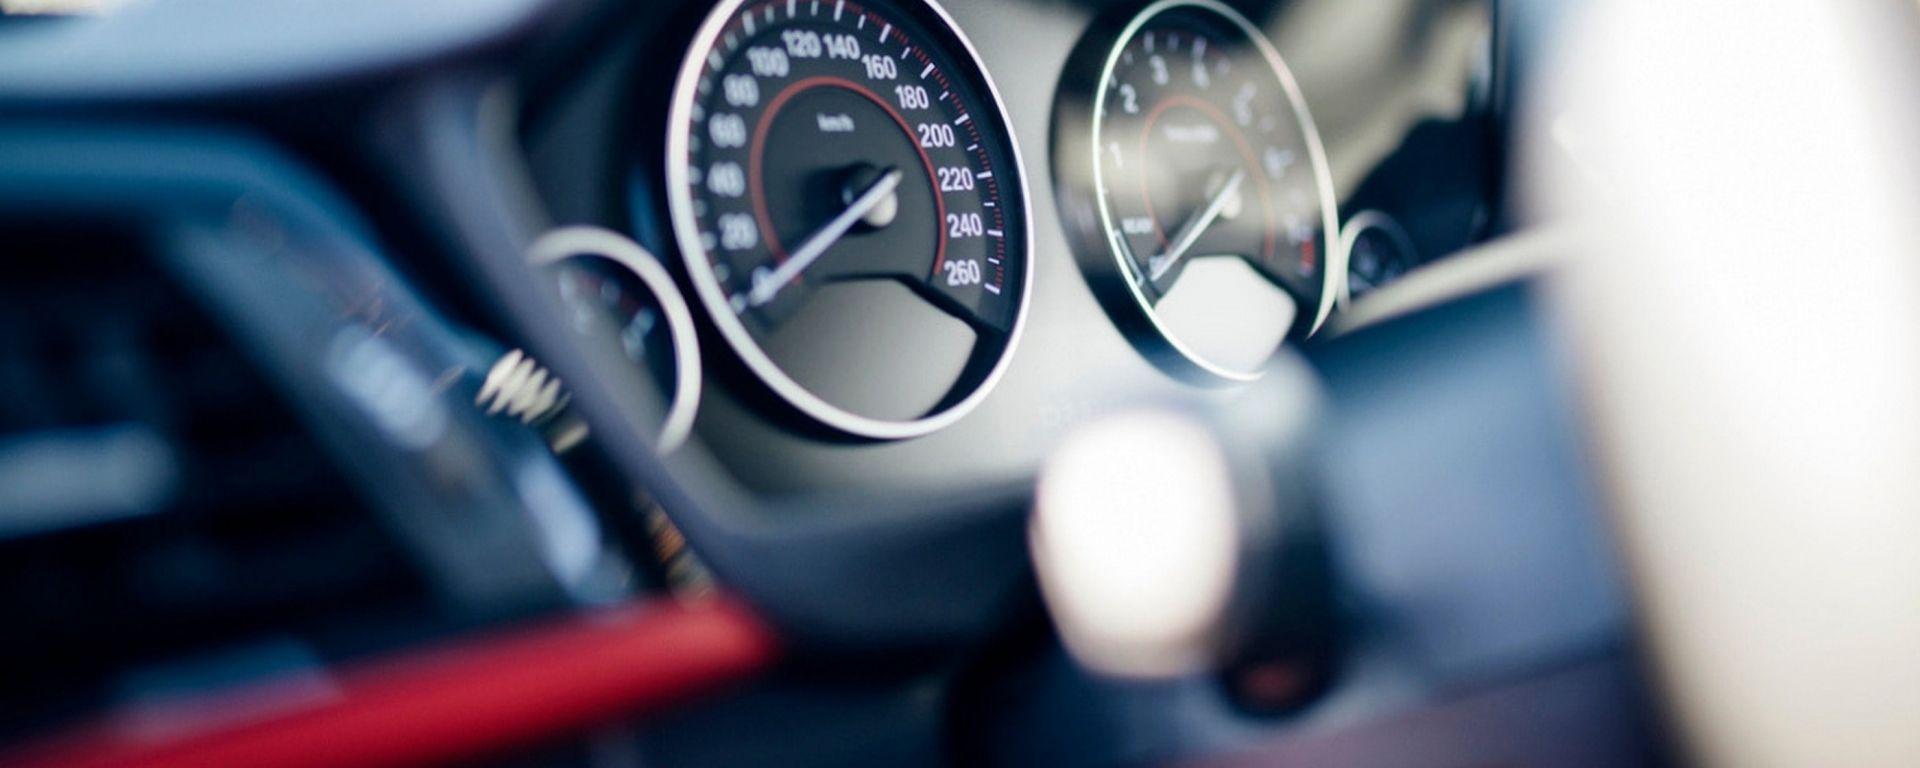 Bollo auto, dal 2019 in base ai chilometri percorsi?